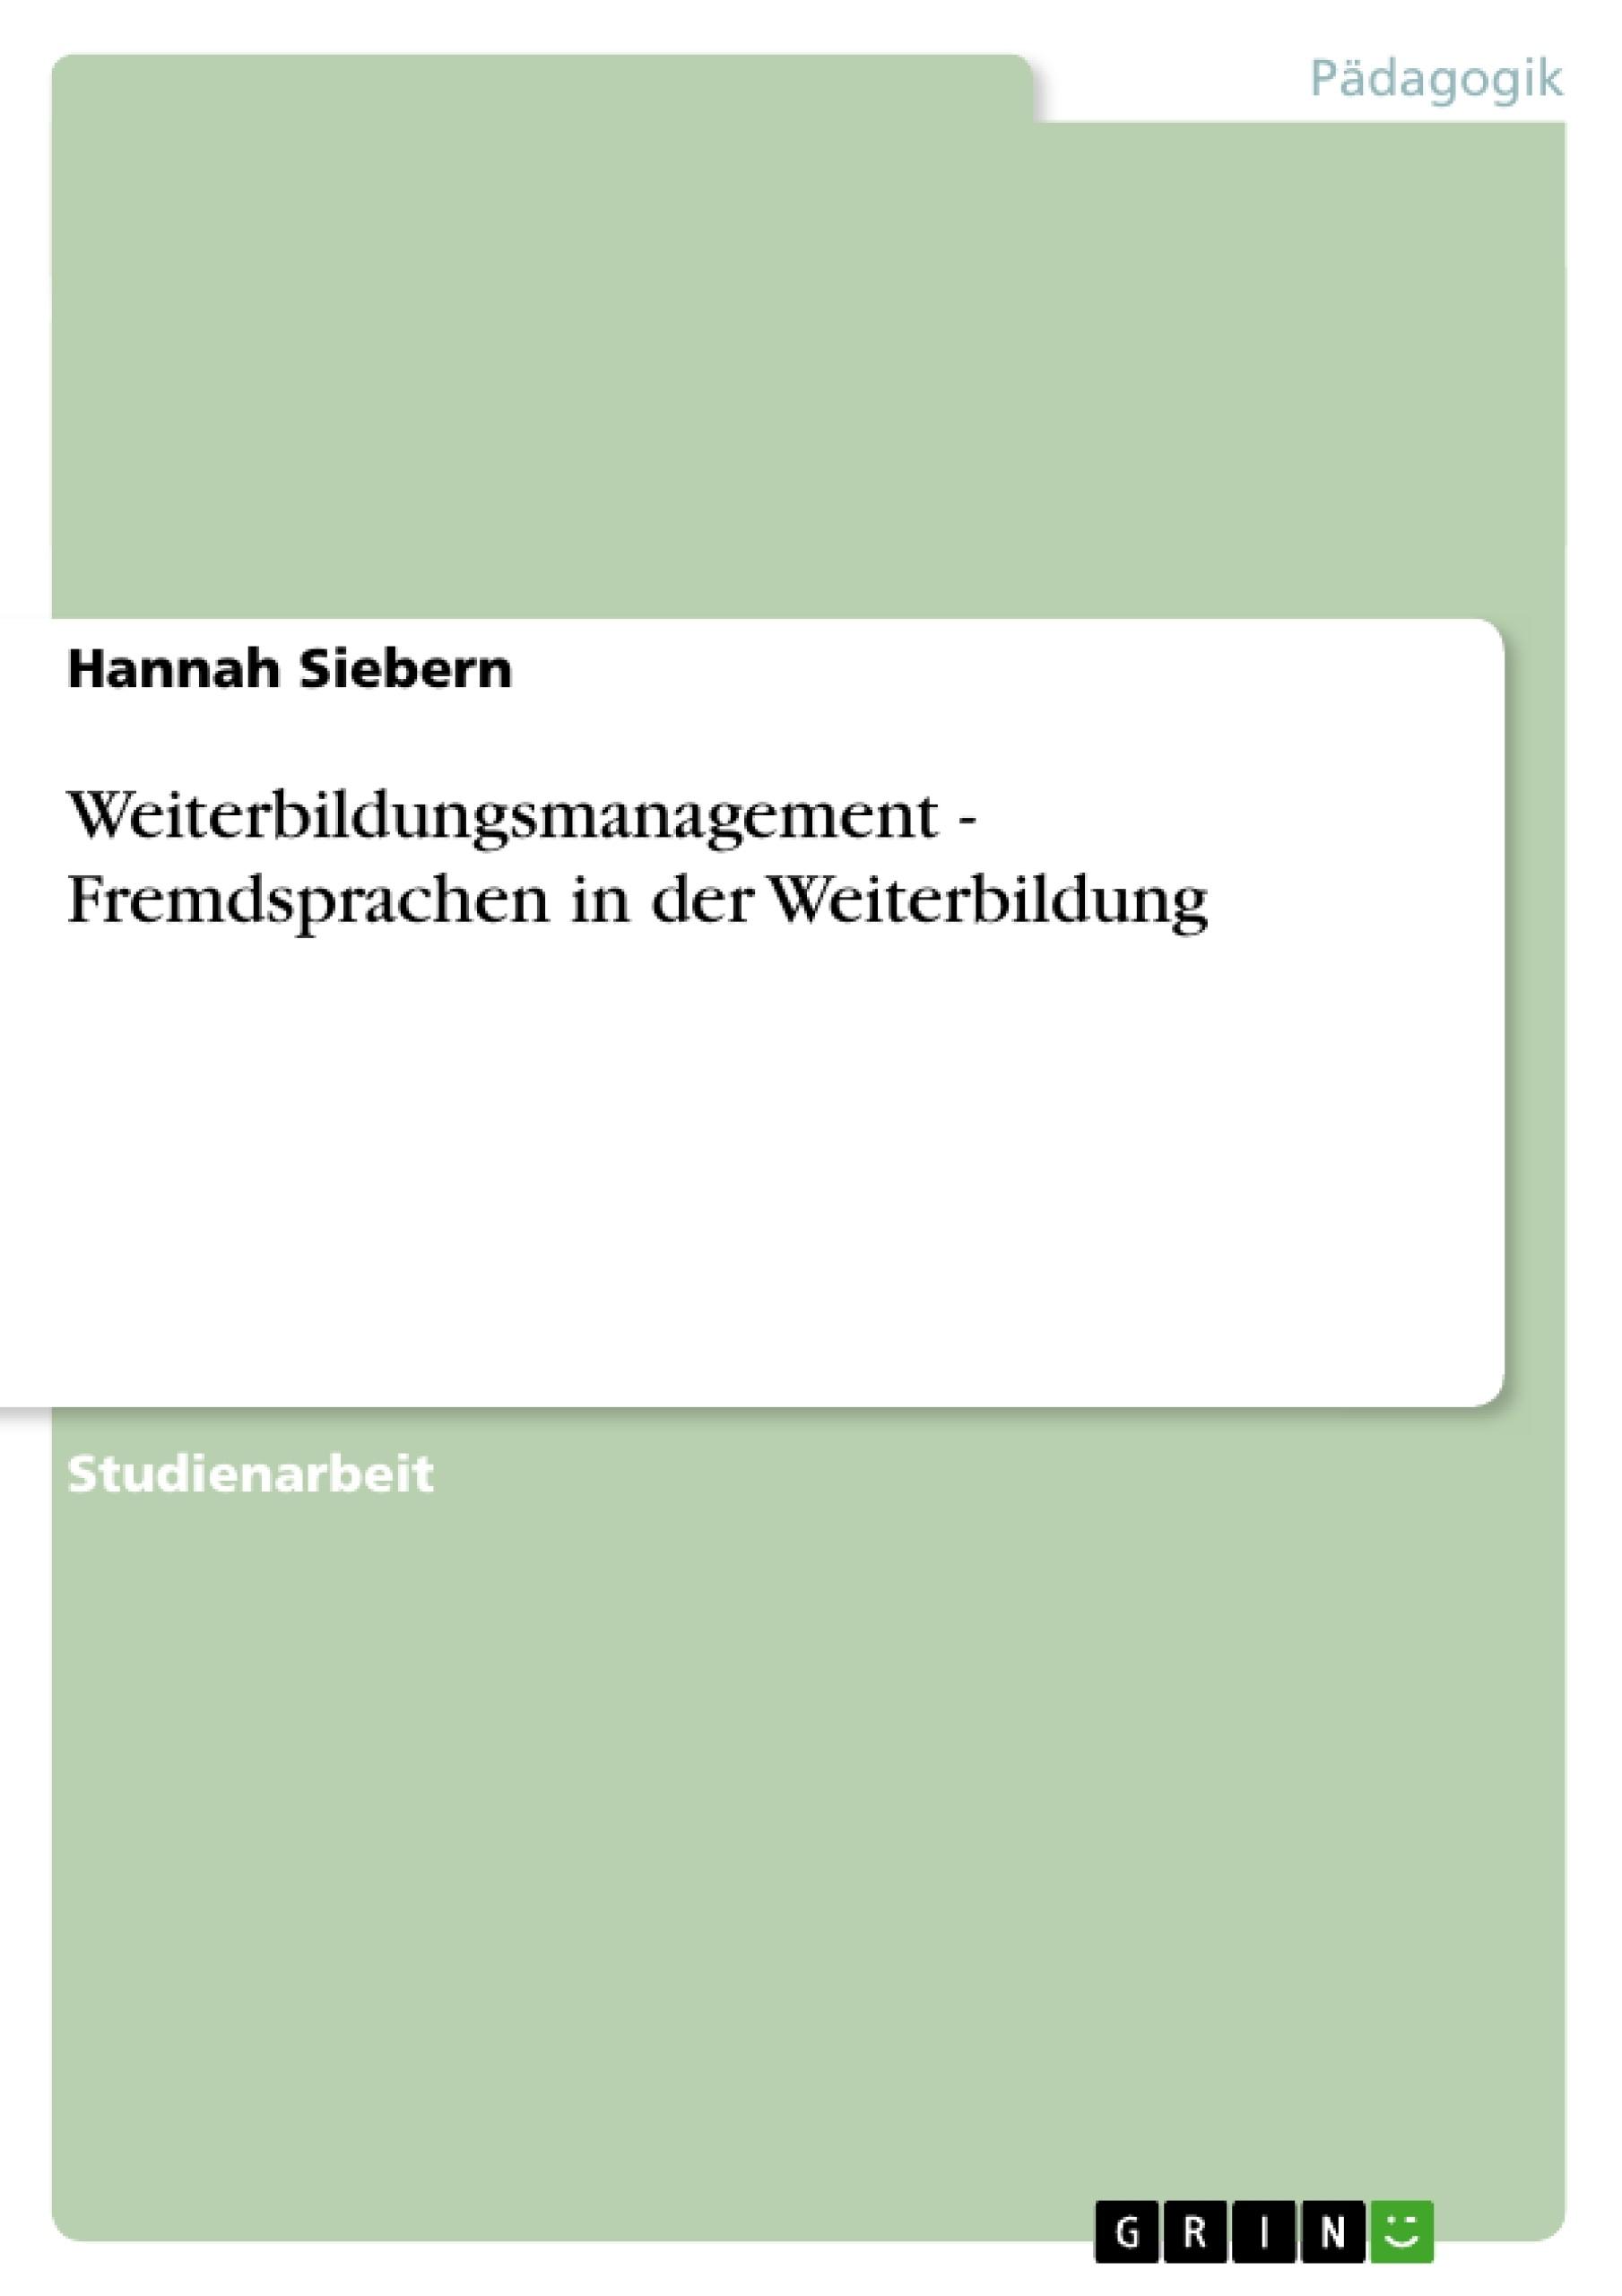 Titel: Weiterbildungsmanagement - Fremdsprachen in der Weiterbildung